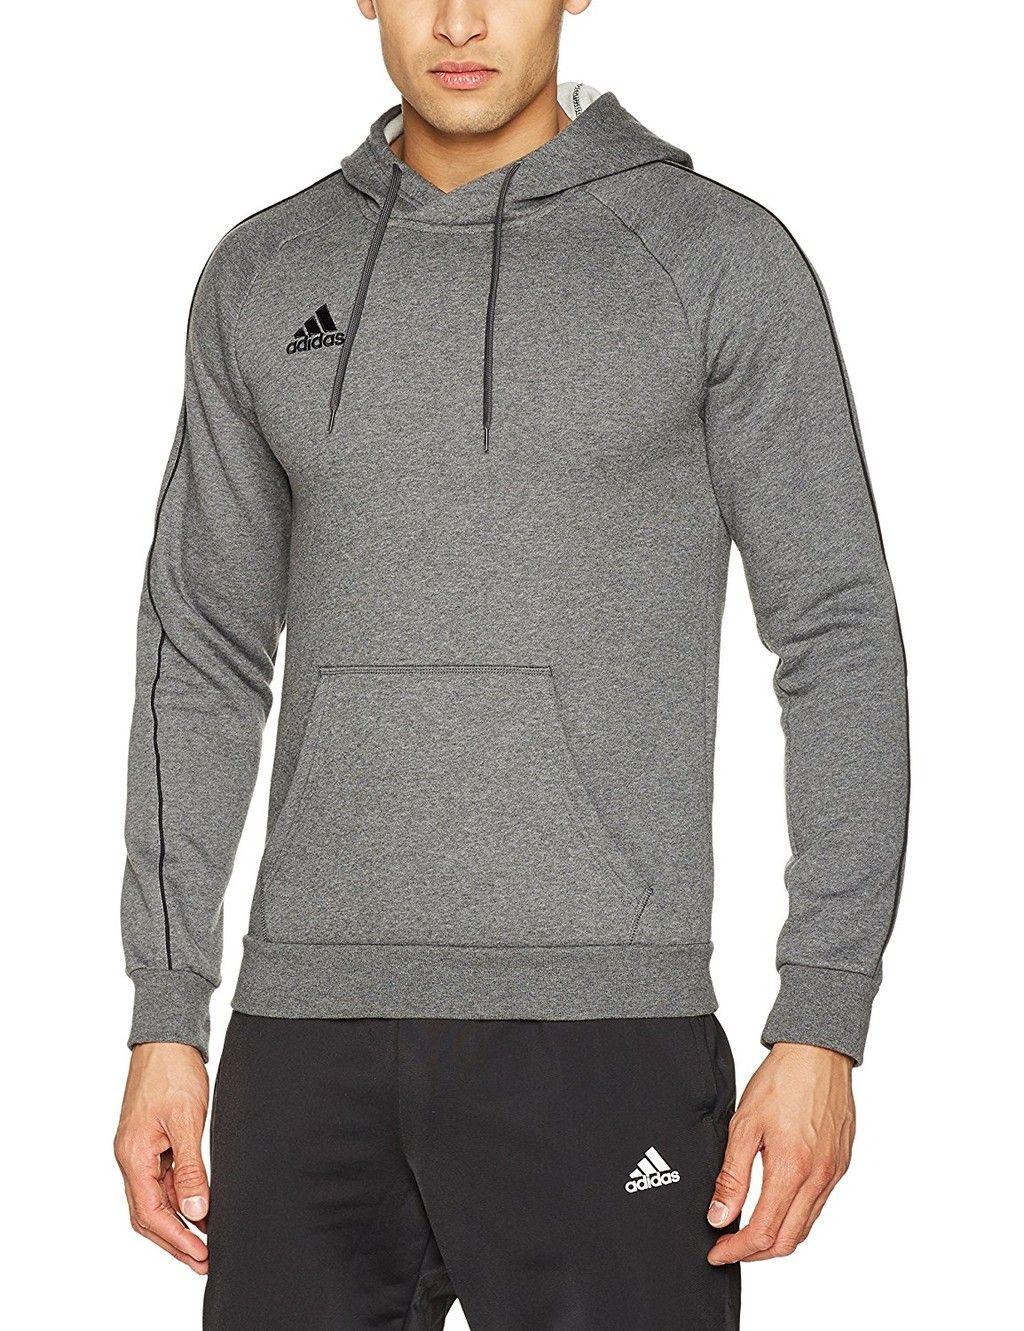 La sudadera Adidas Core18 gris está disponible en varias